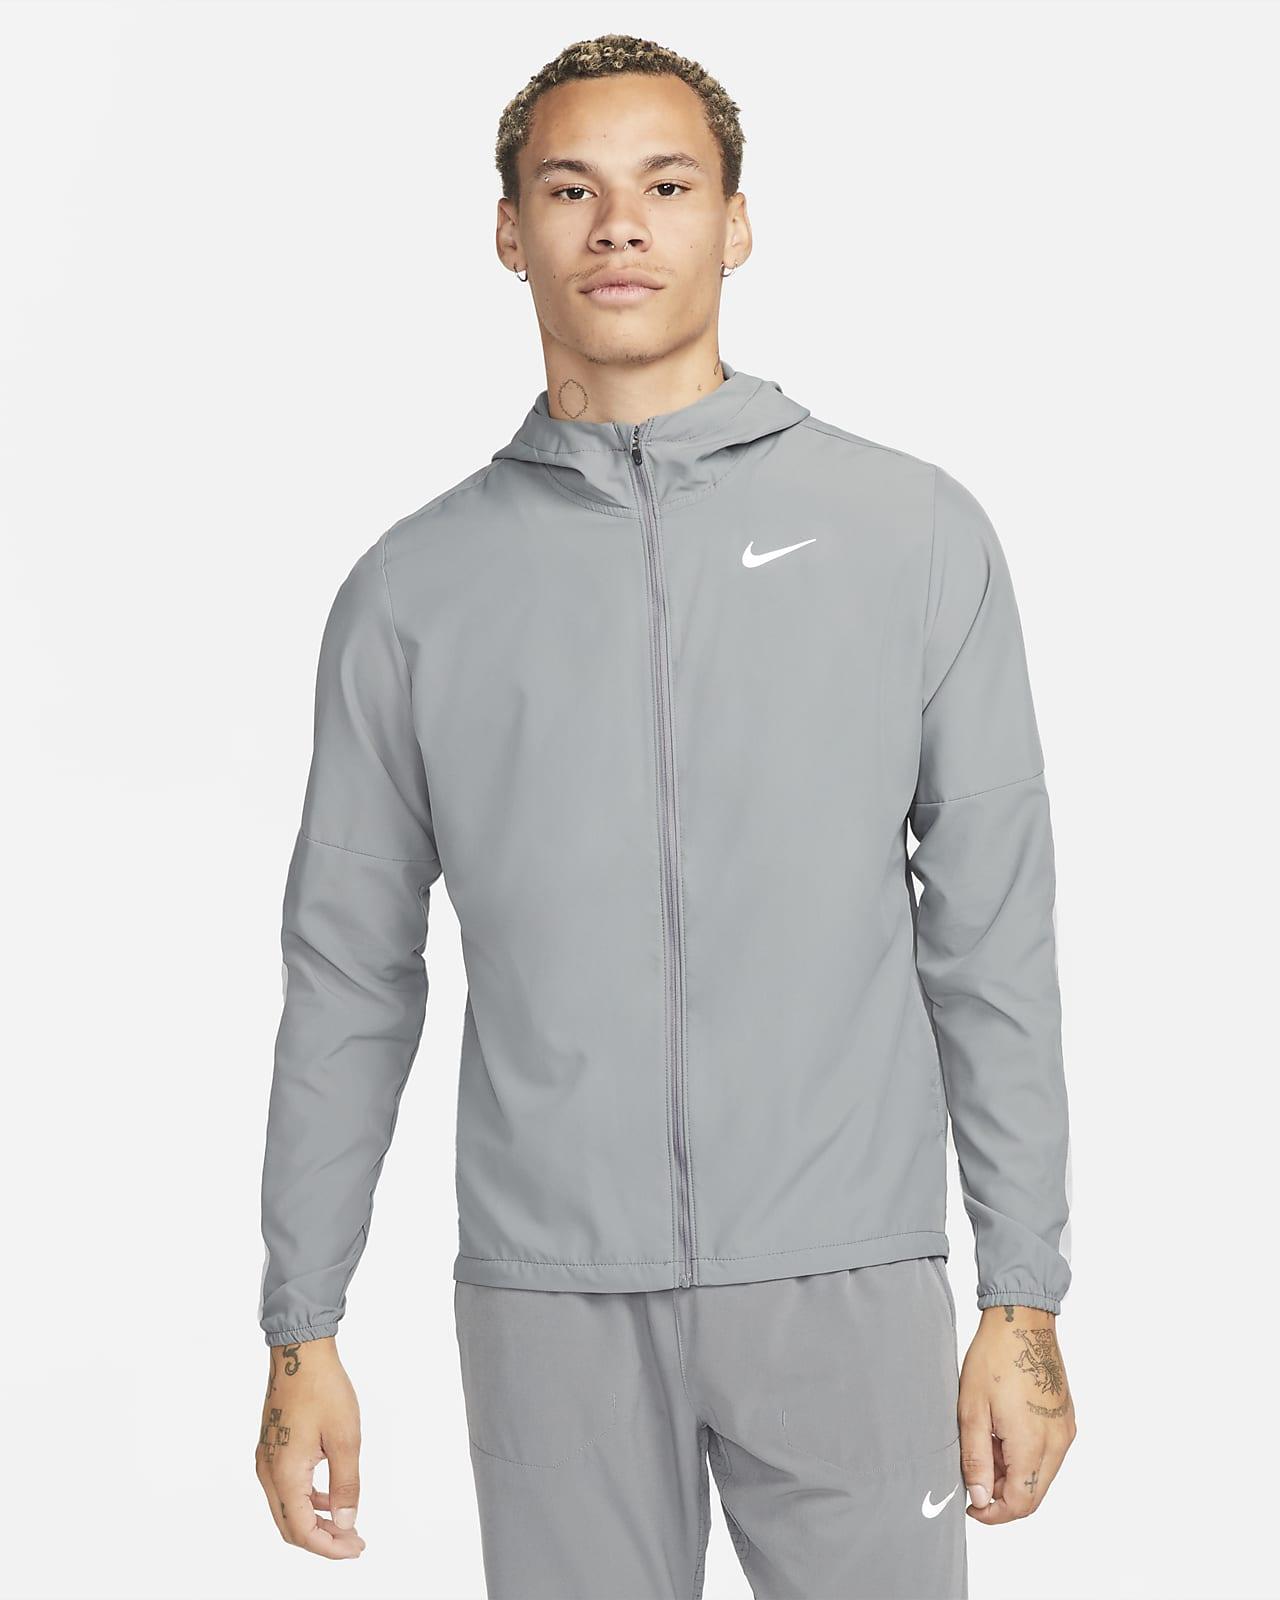 Vävd löparjacka Nike Run Stripe för män